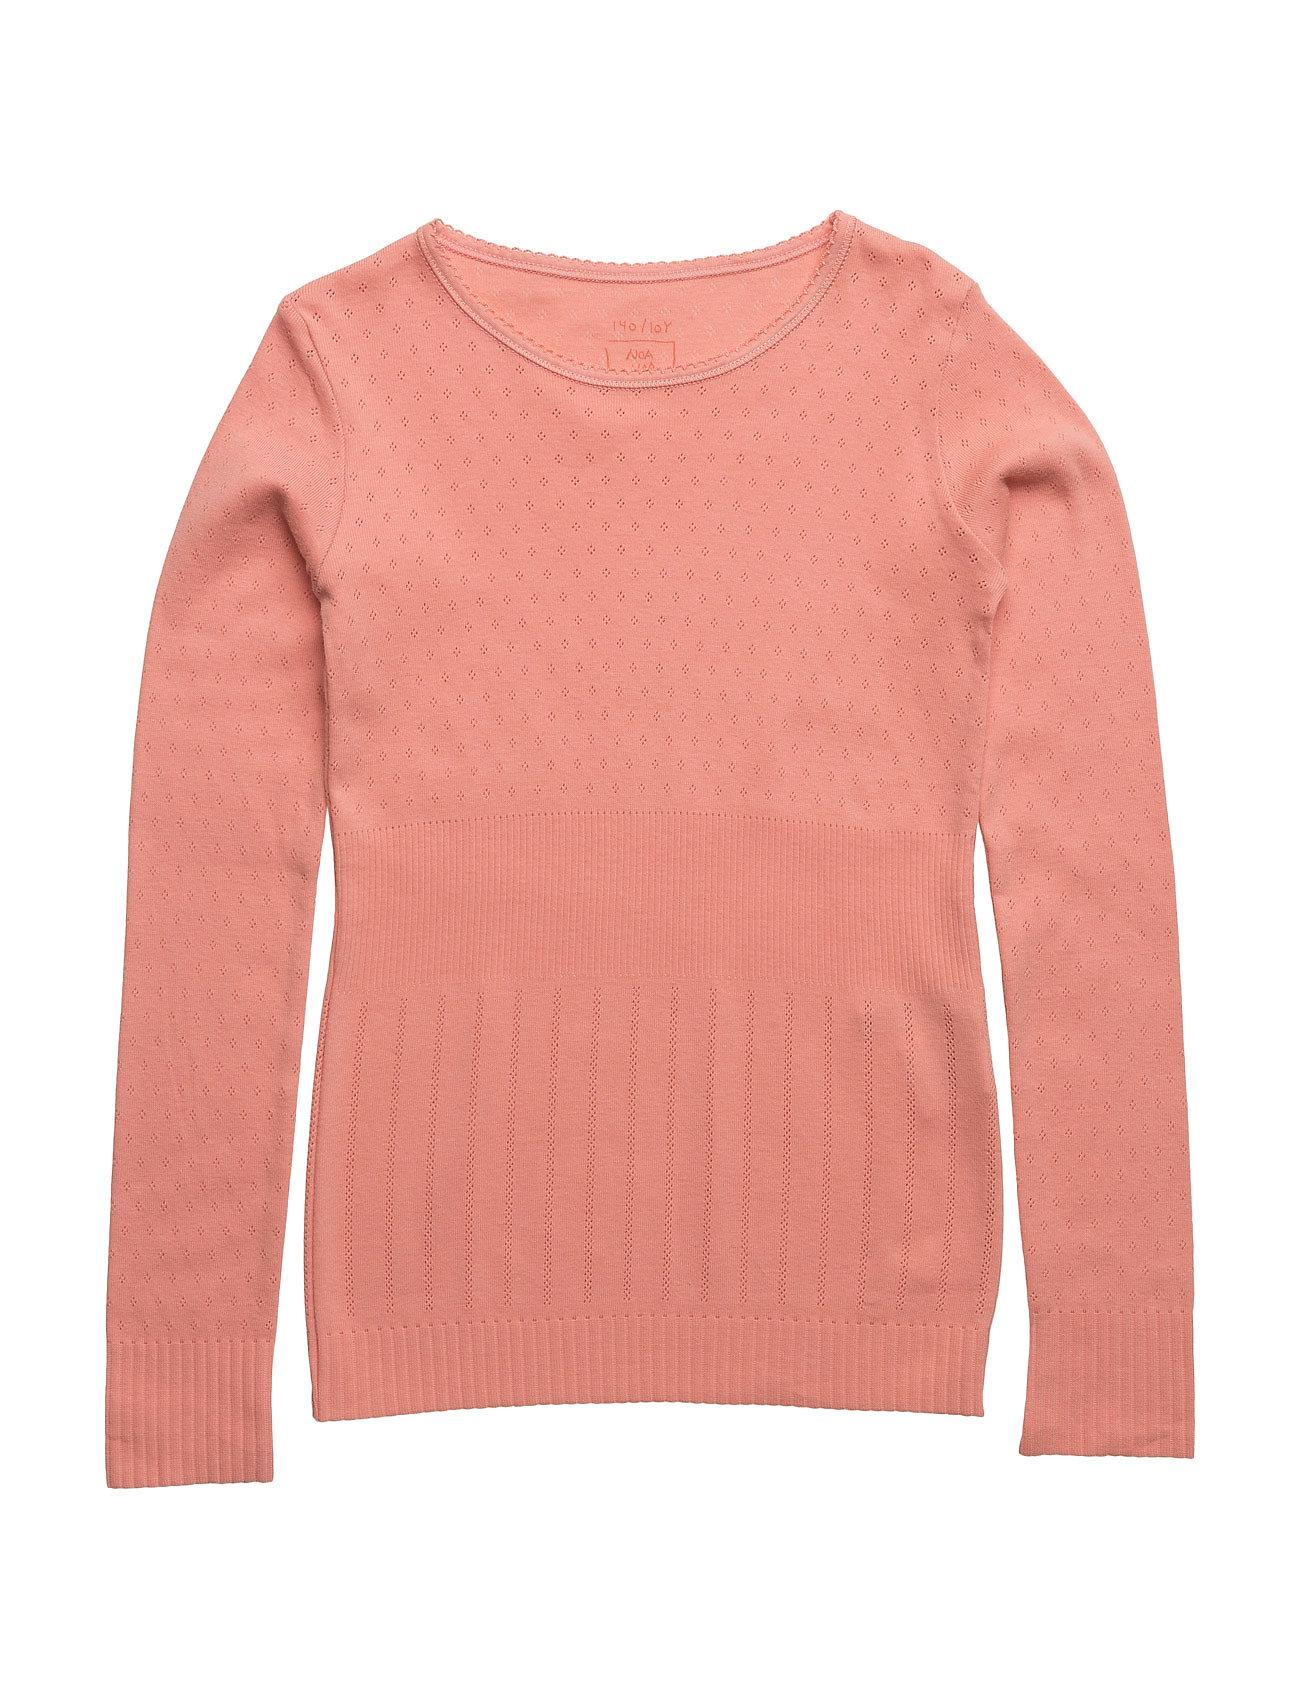 T-Shirt Noa Noa Miniature Langærmede t-shirts til Børn i